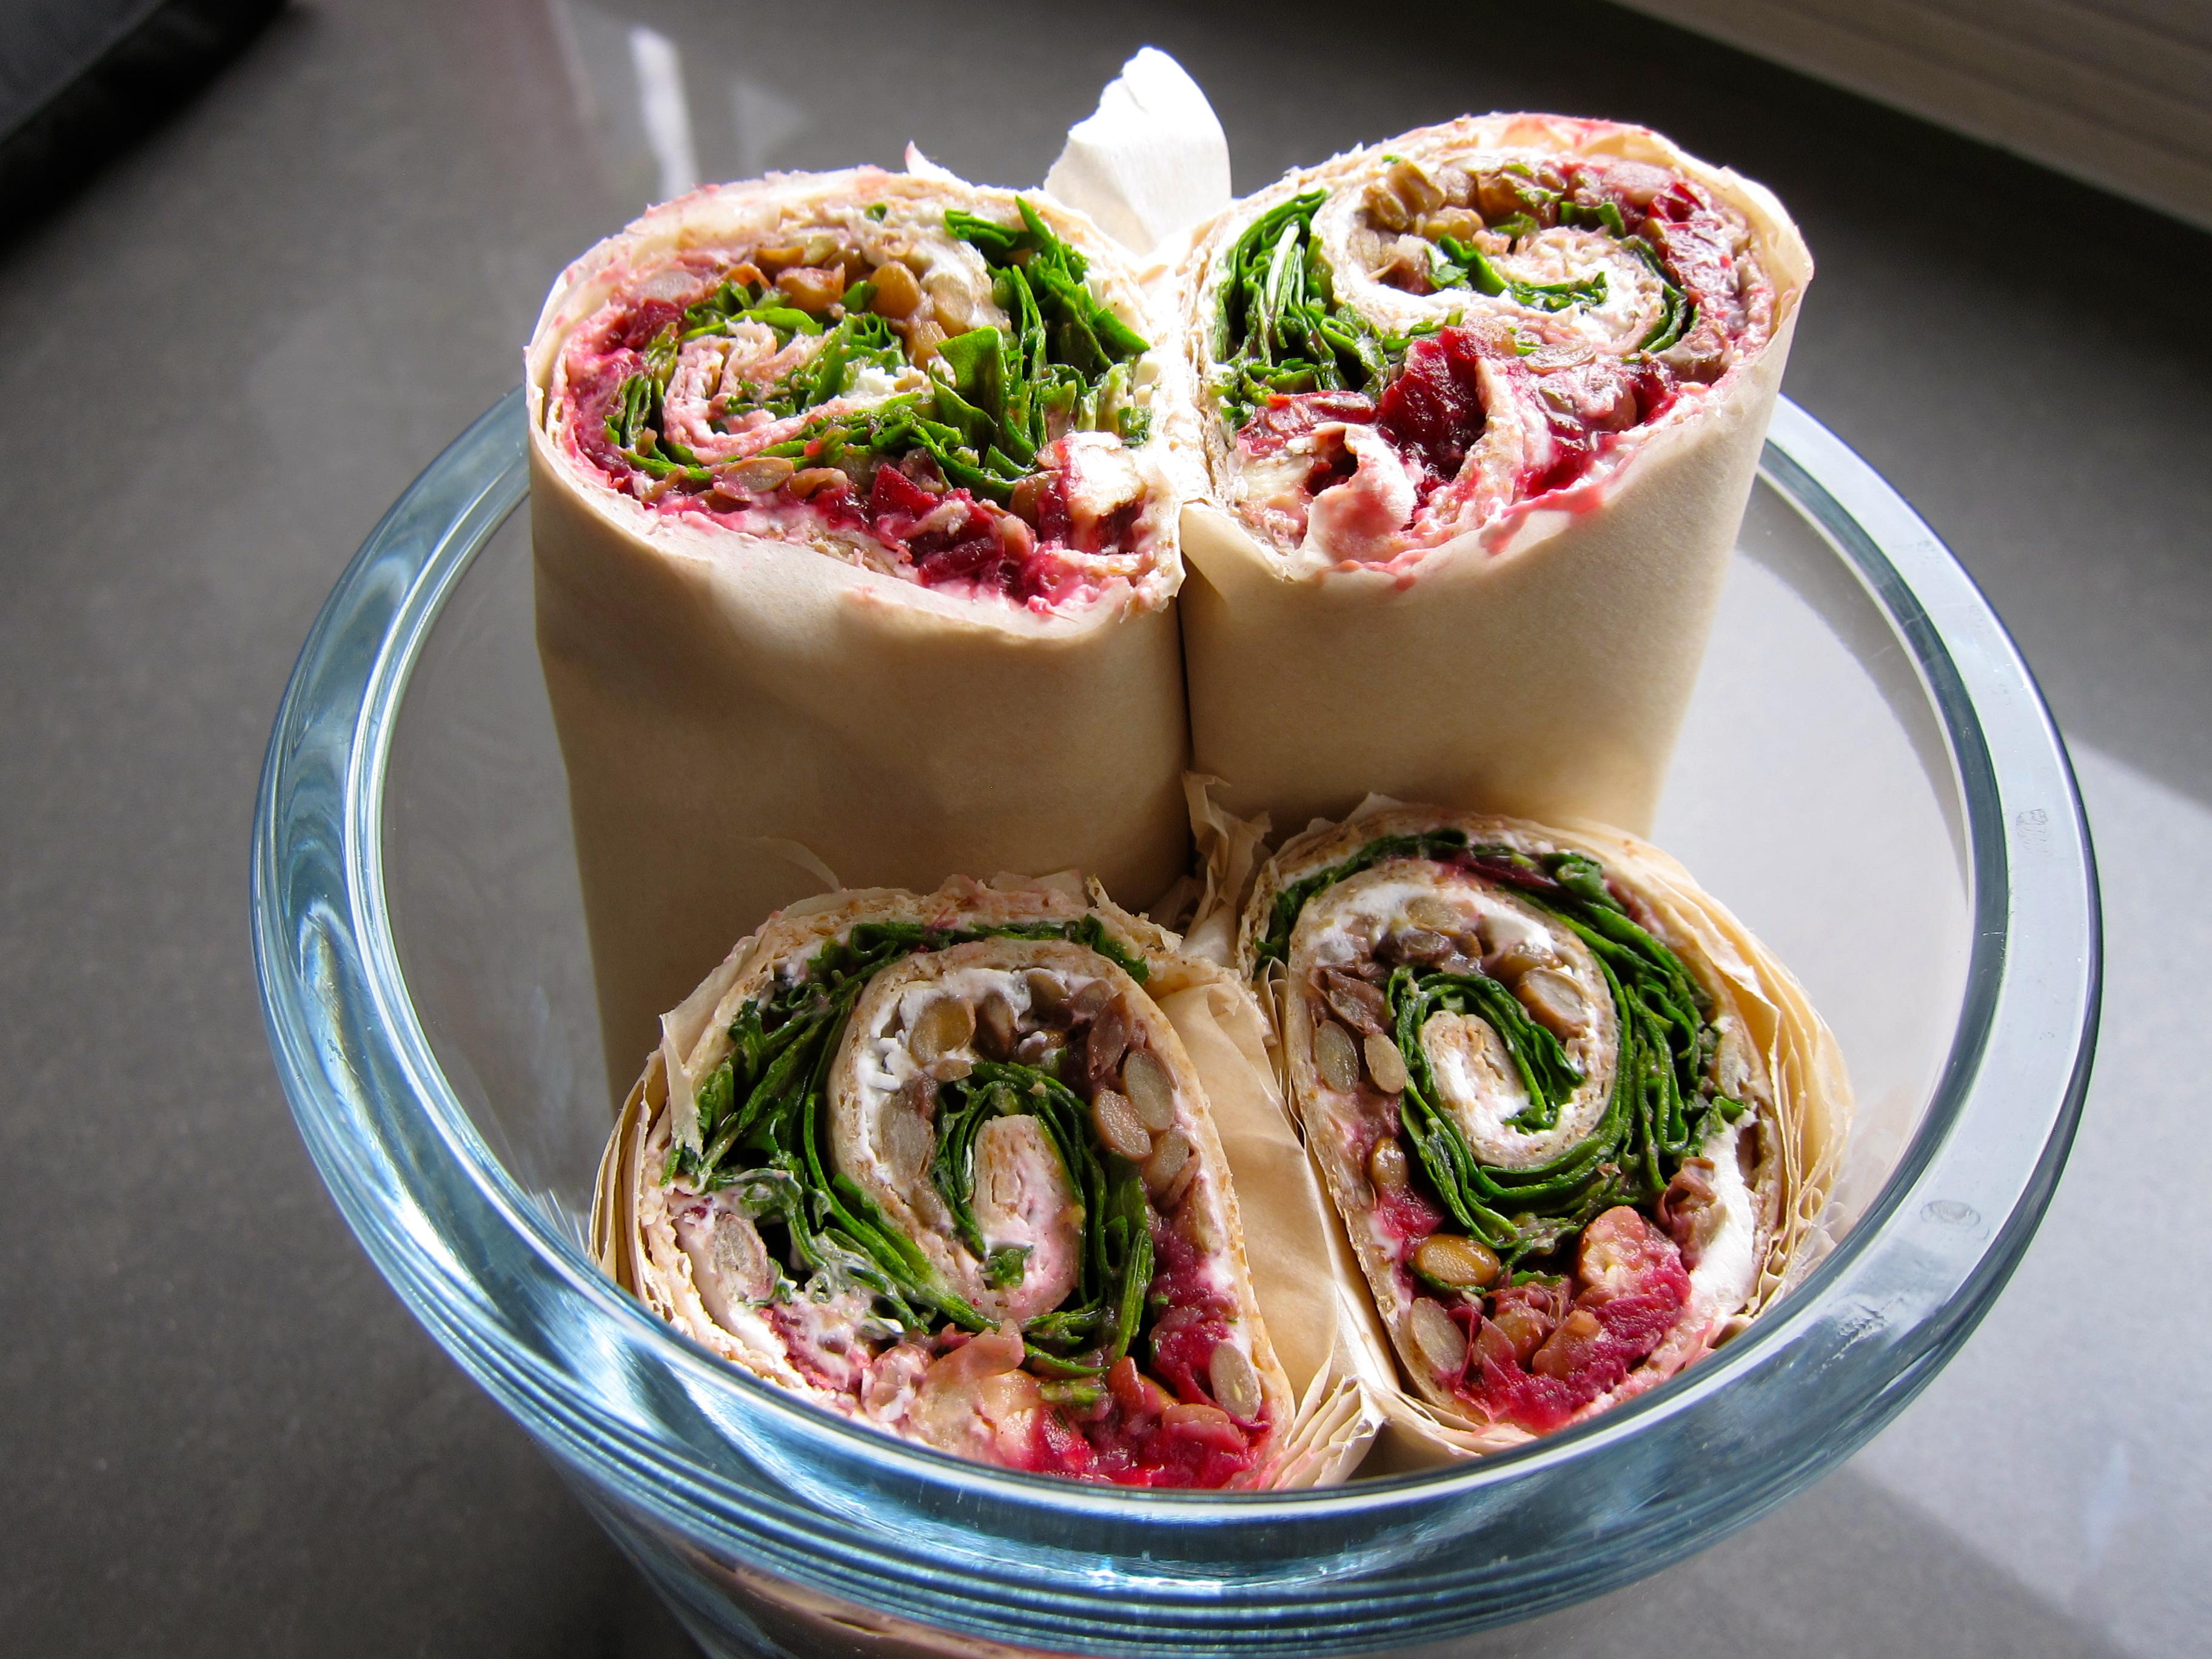 Healthy Wrap Recipe